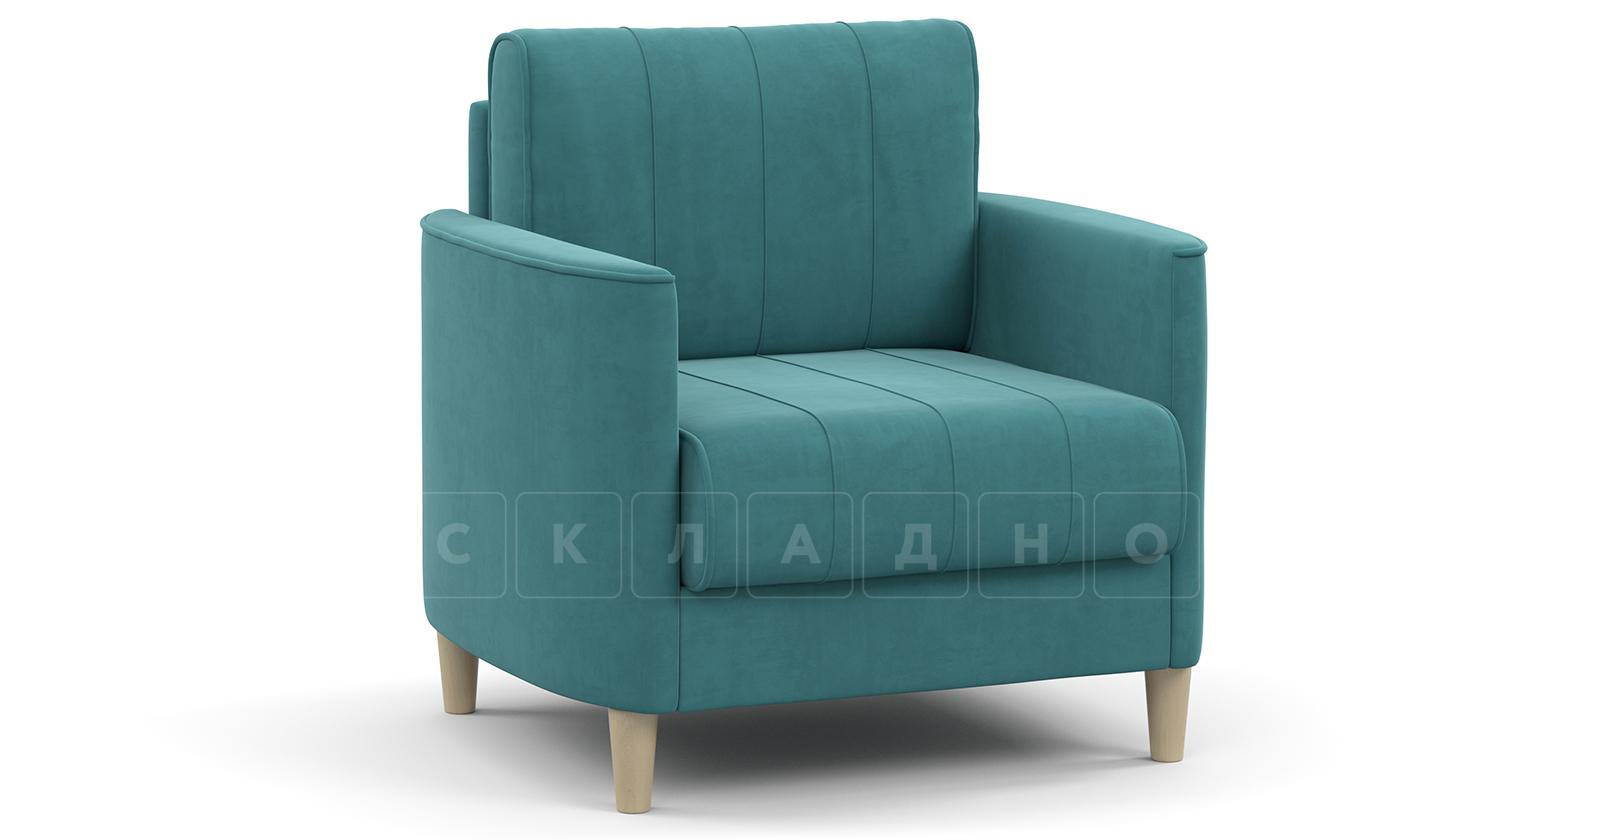 Кресло для отдыха Лорен бирюзовый фото 1 | интернет-магазин Складно